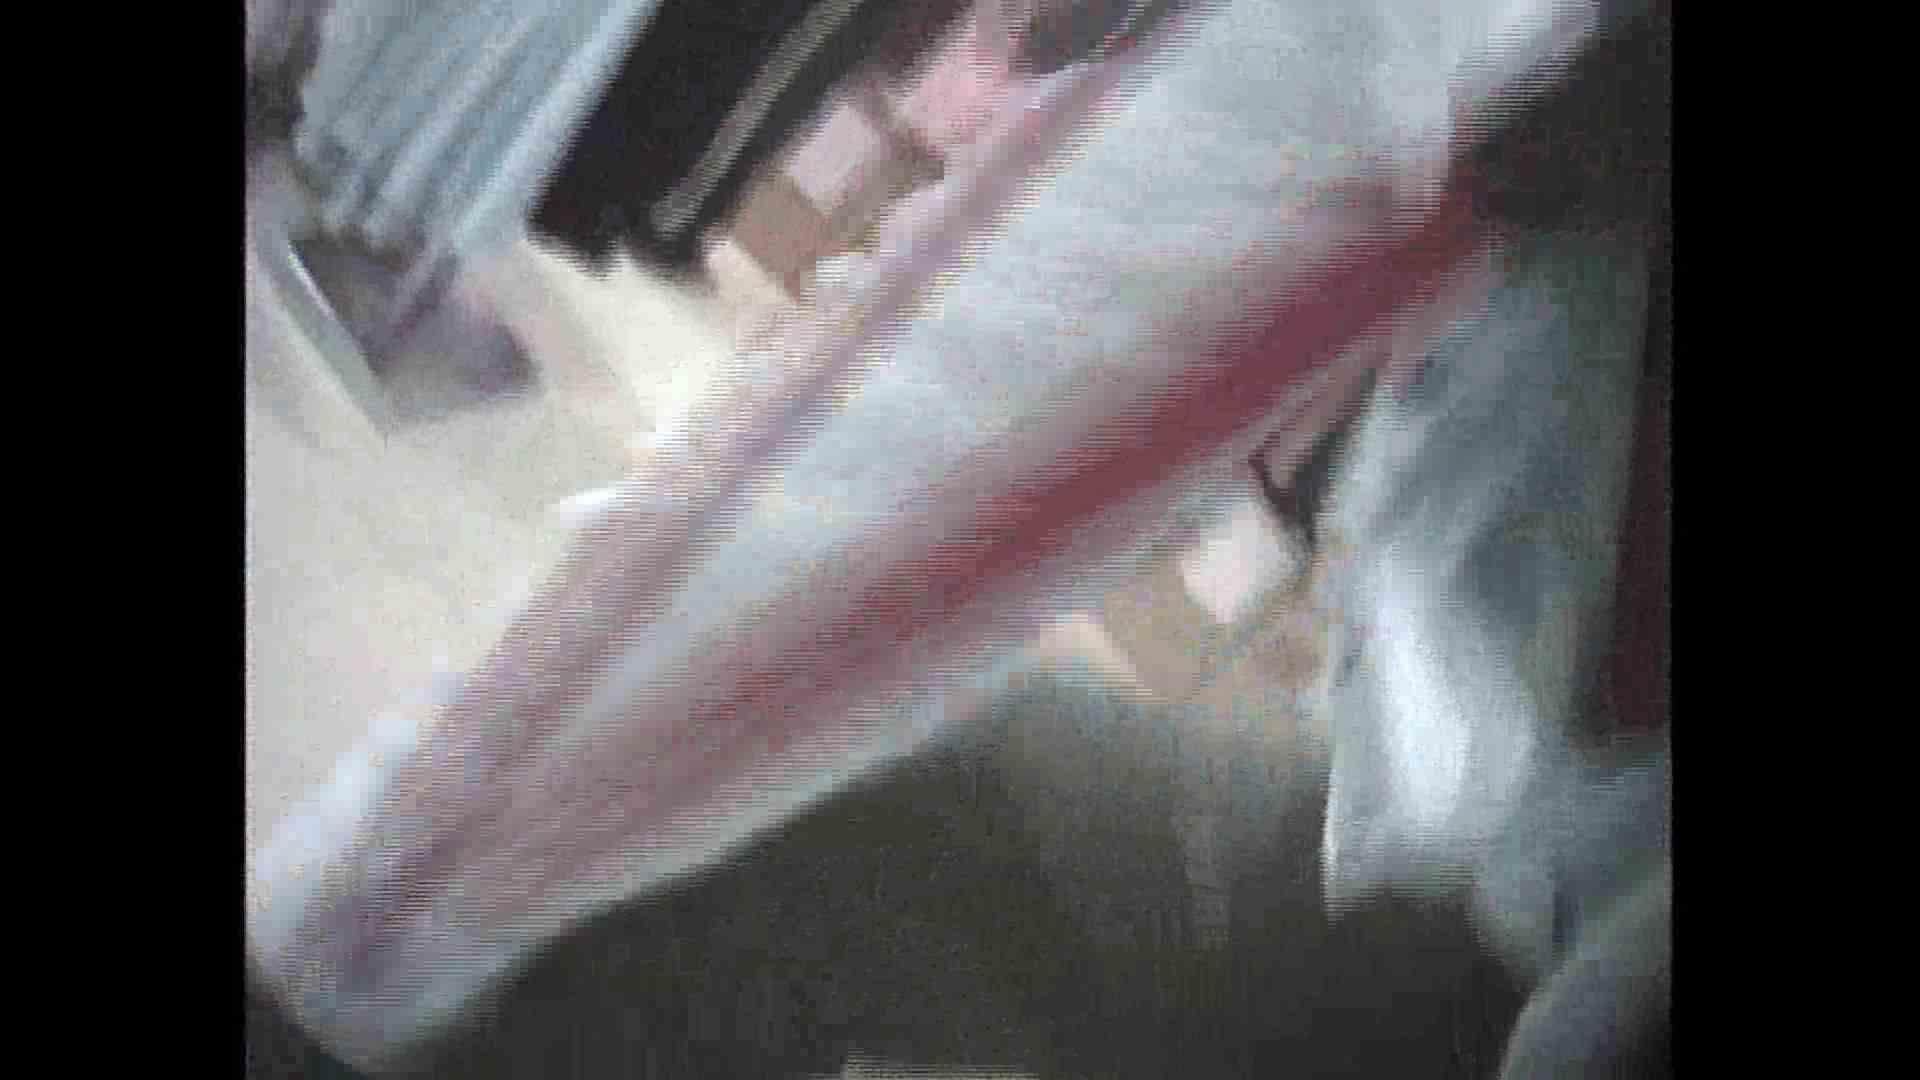 働く美女の谷間参拝 Vol.32 OLの実態 盗撮アダルト動画キャプチャ 77pic 38